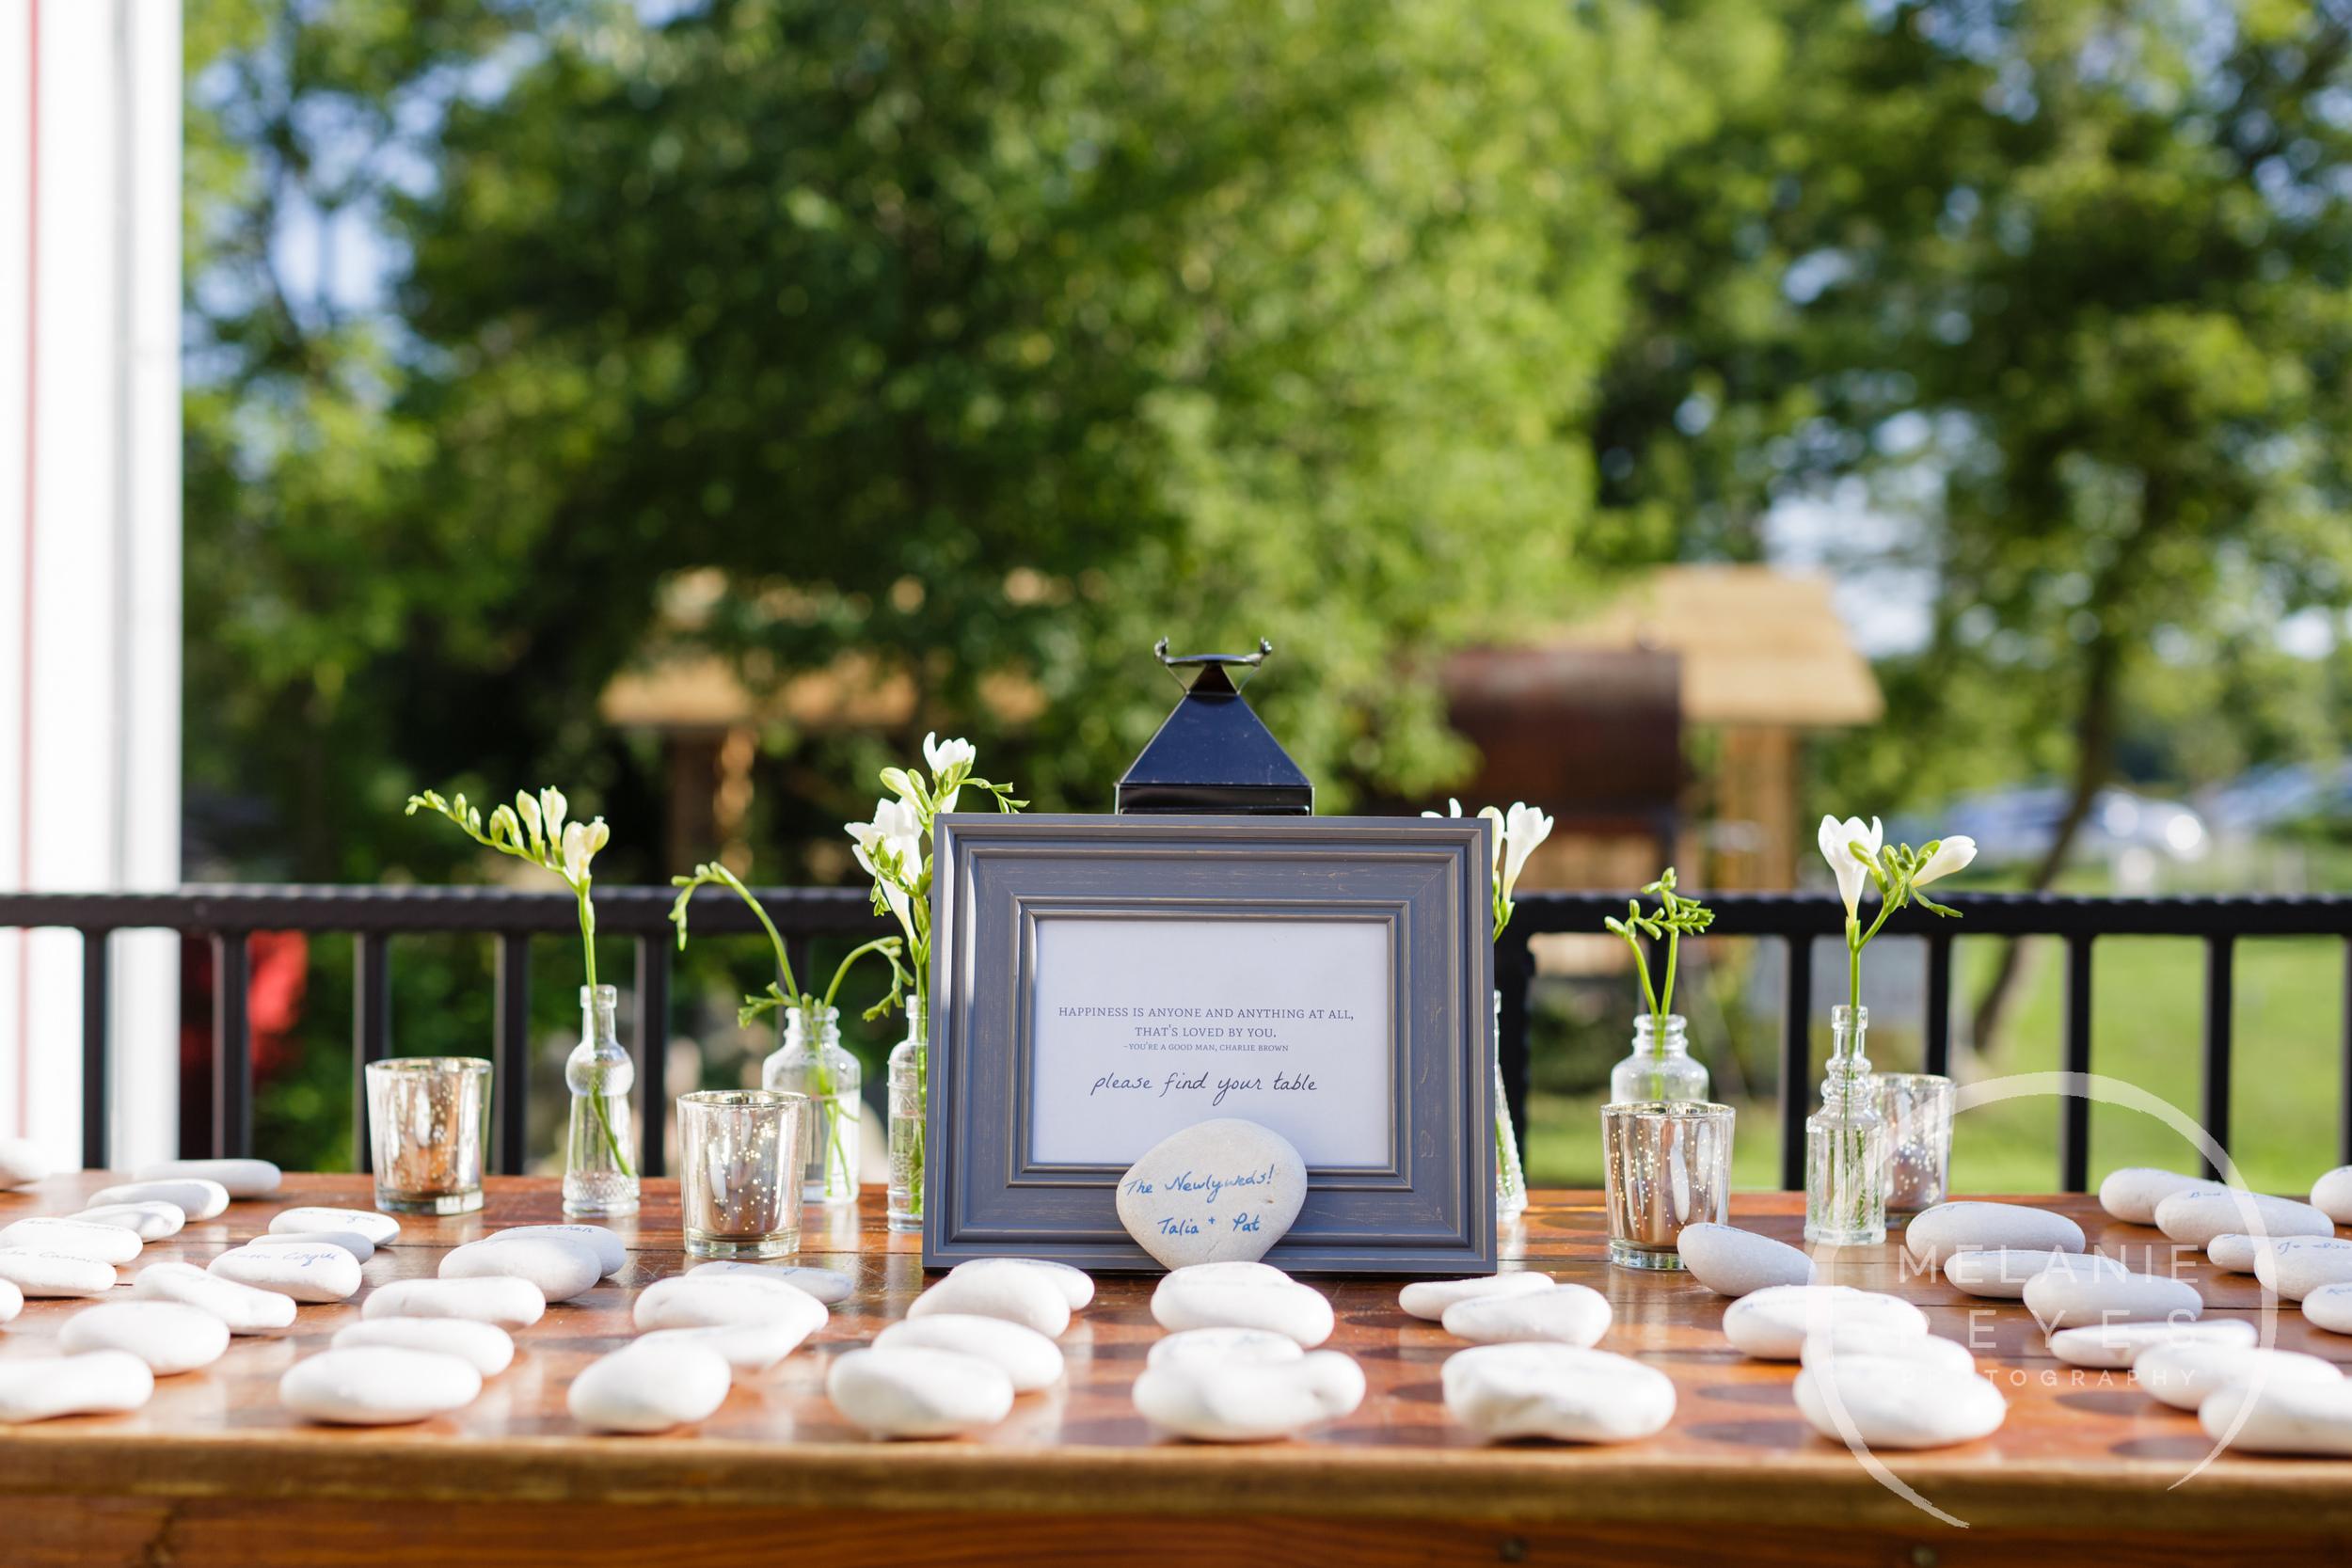 050_farm_wedding_melanie_reyes.JPG